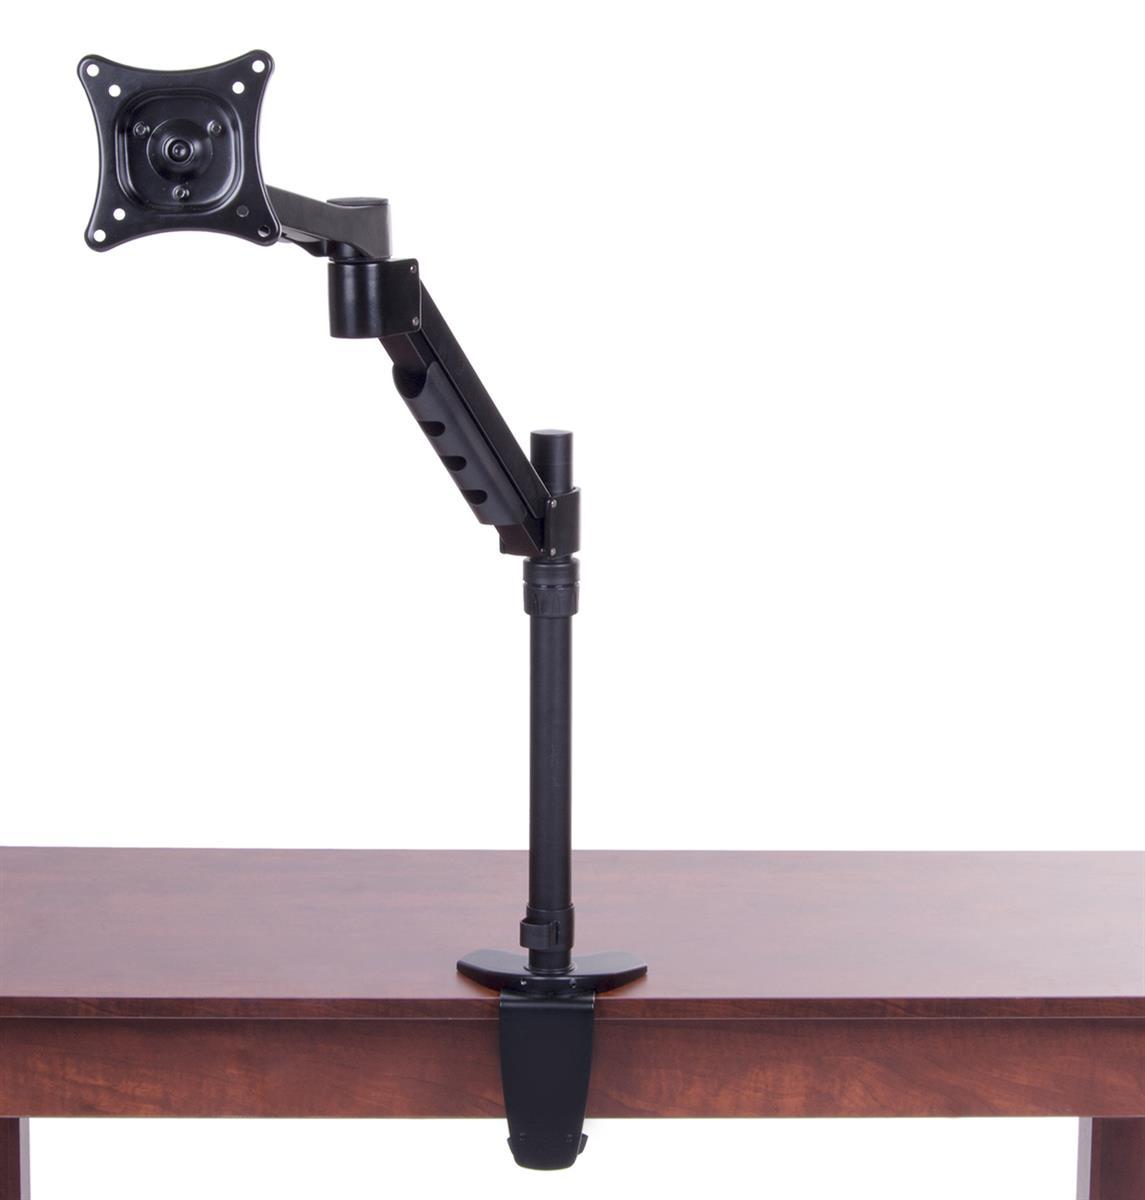 Adjustable Tv Clamp Mount 360 Rotation Amp Tilt